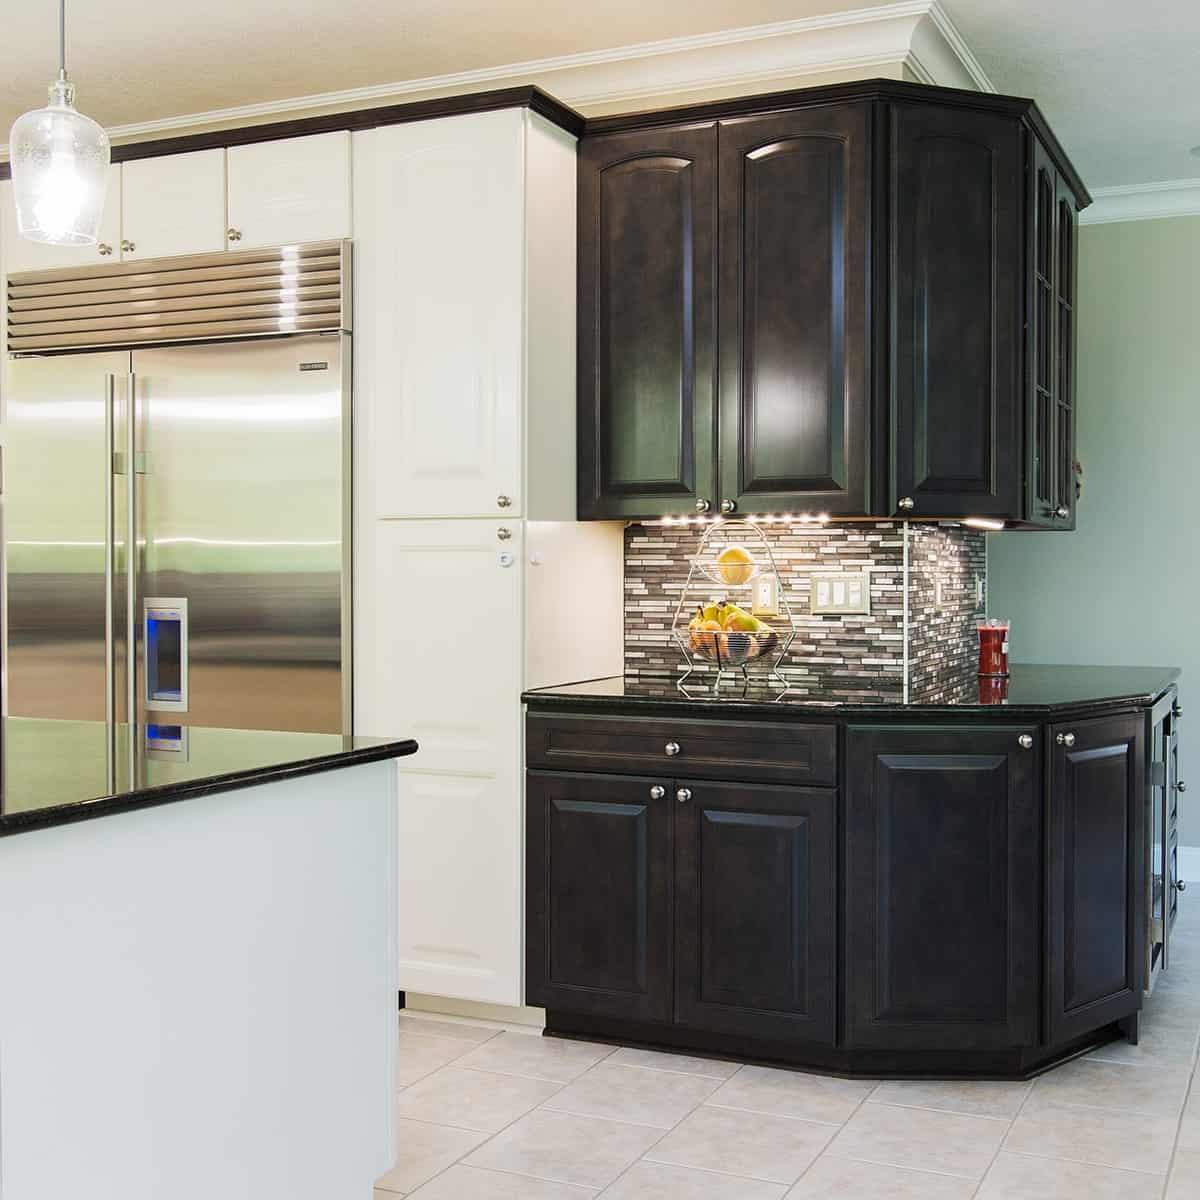 Kitchen Remodeling, Kitchen Remodeling Gallery, Custom Built Design & Remodeling